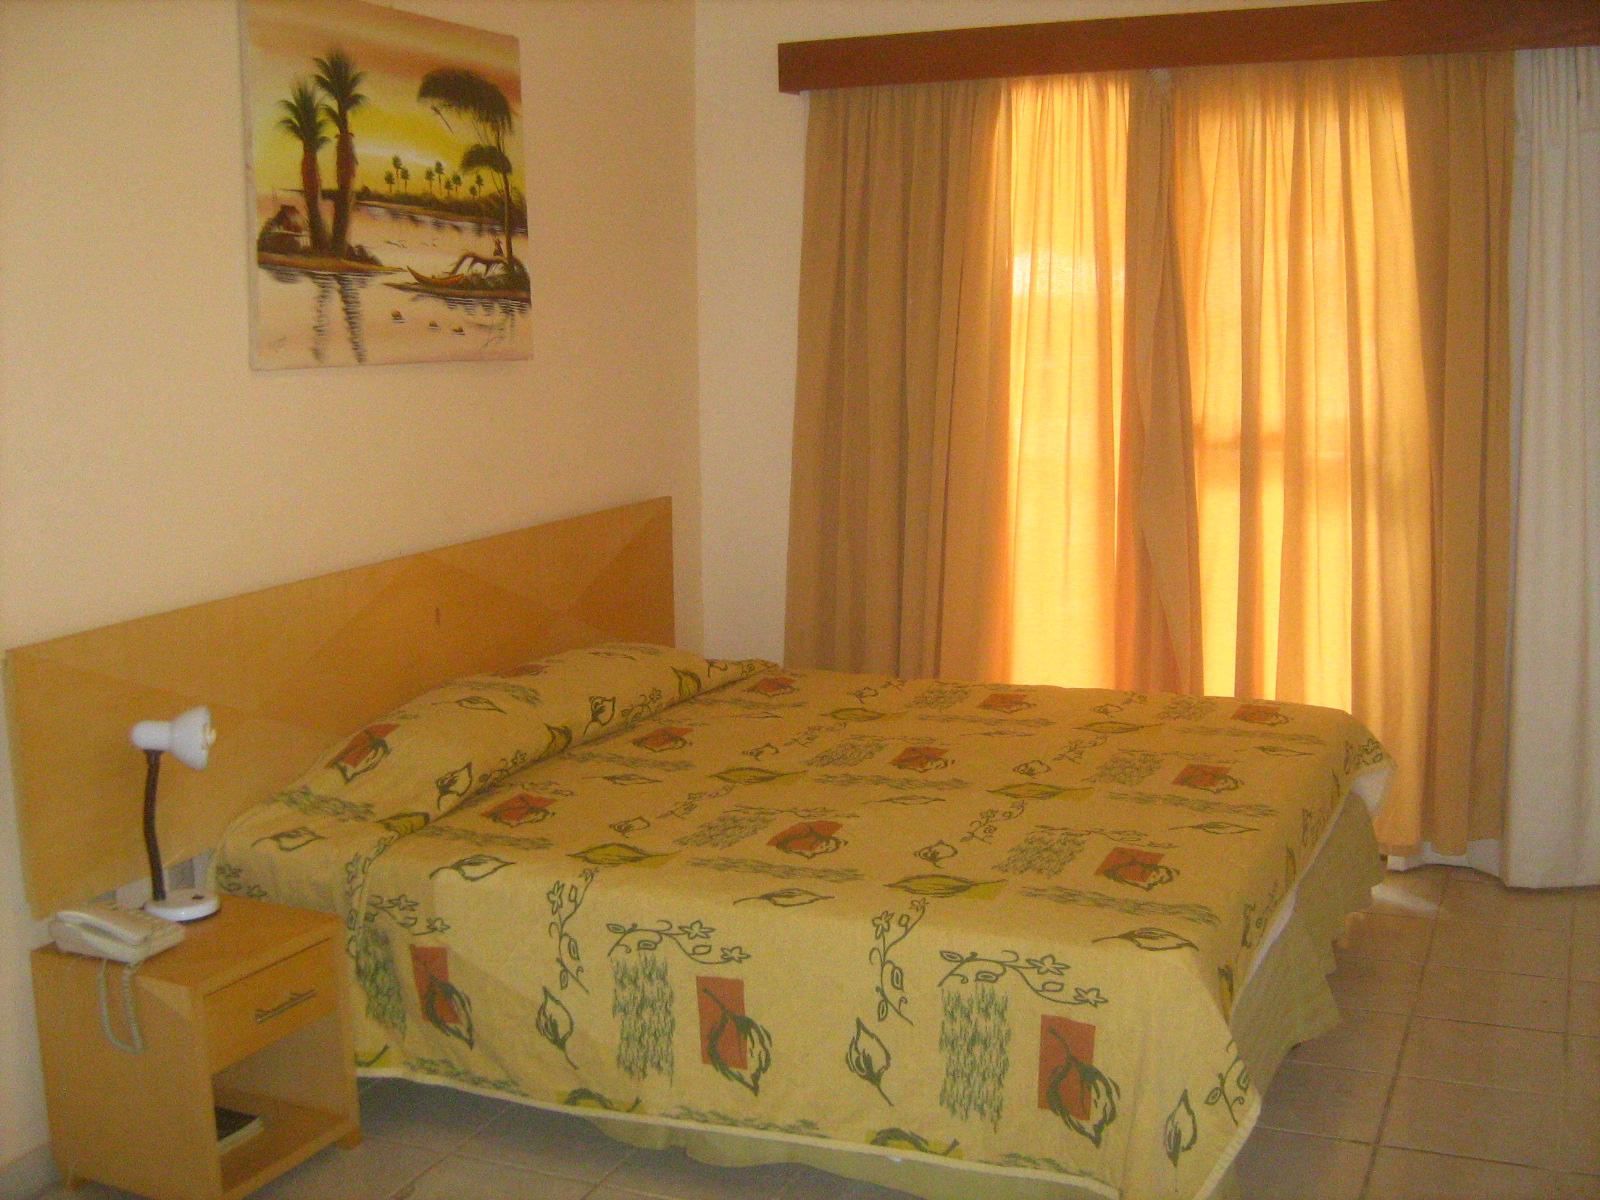 #C68E05 VIAJANTE ESPECIAL: Pousada Areia de Ouro Natal RN 1600x1200 px piso banheiro idoso